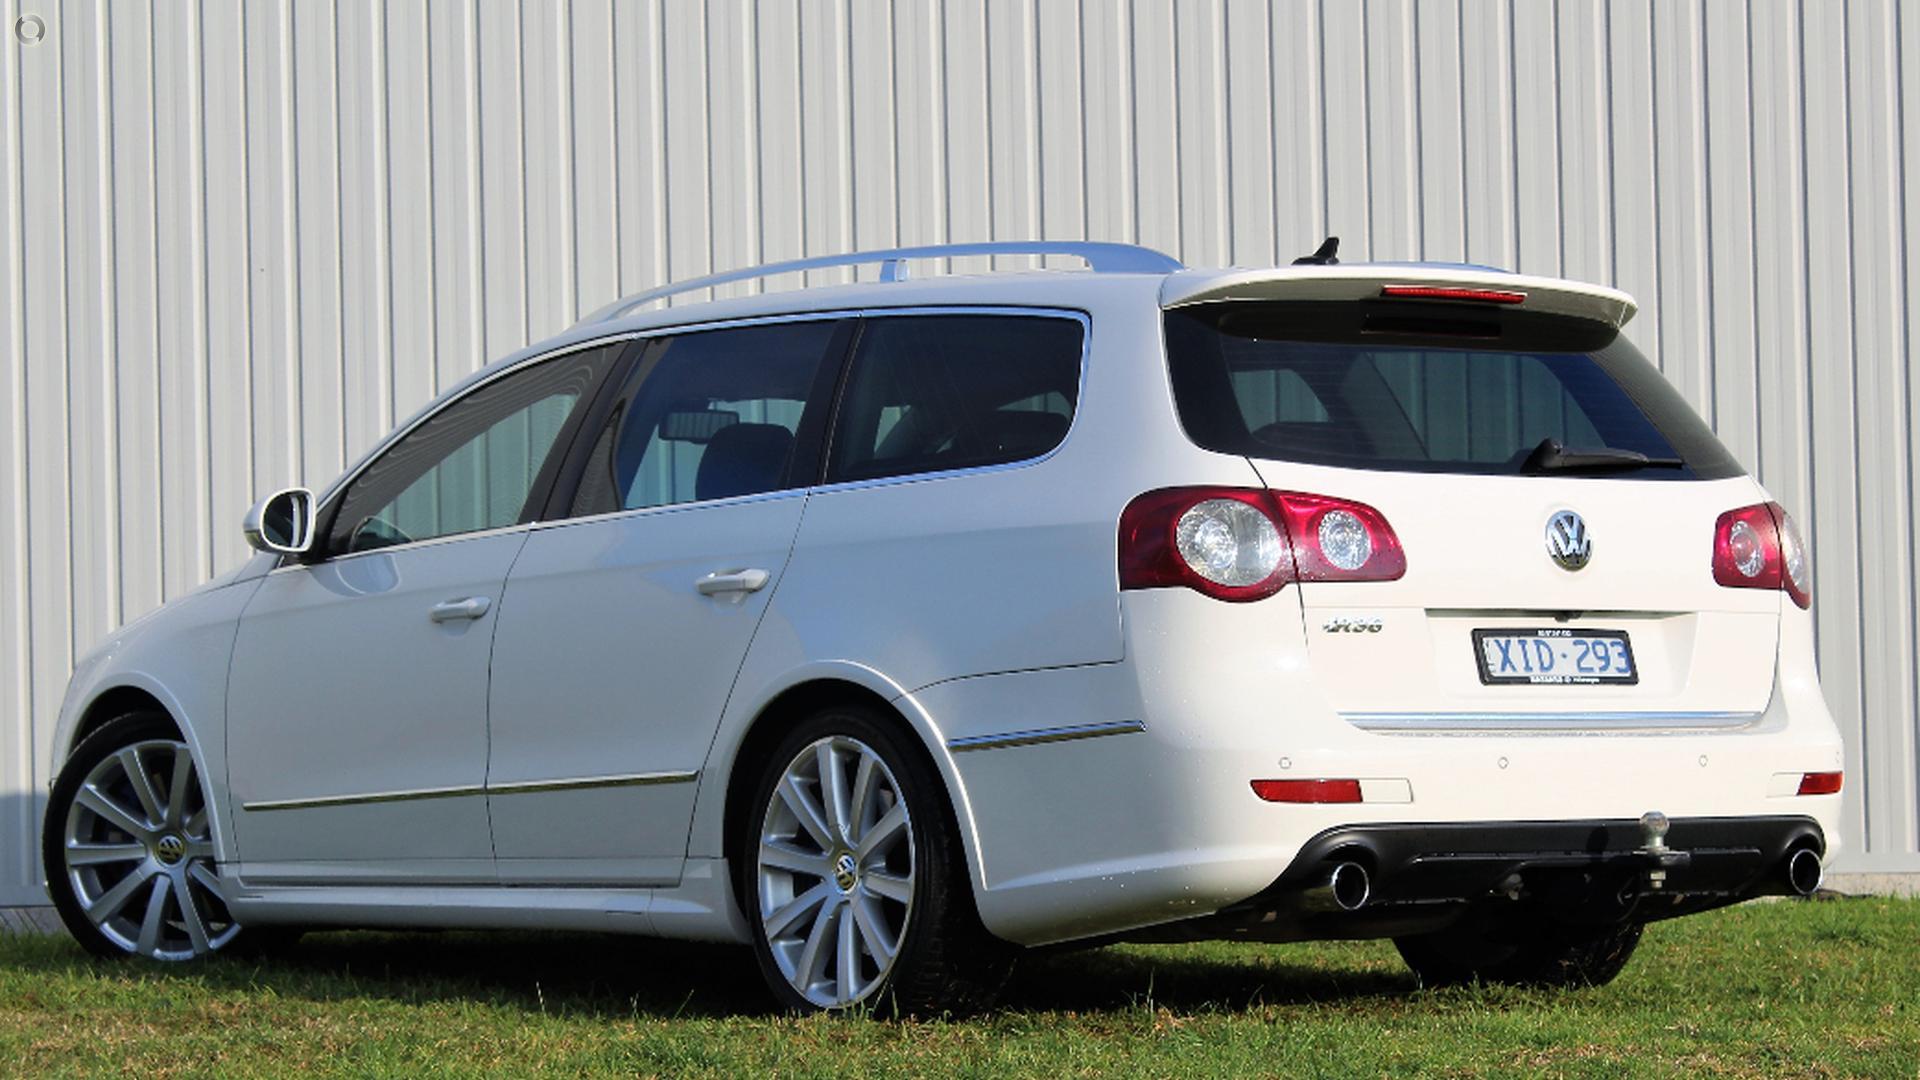 2009 Volkswagen Passat R36 Type 3C